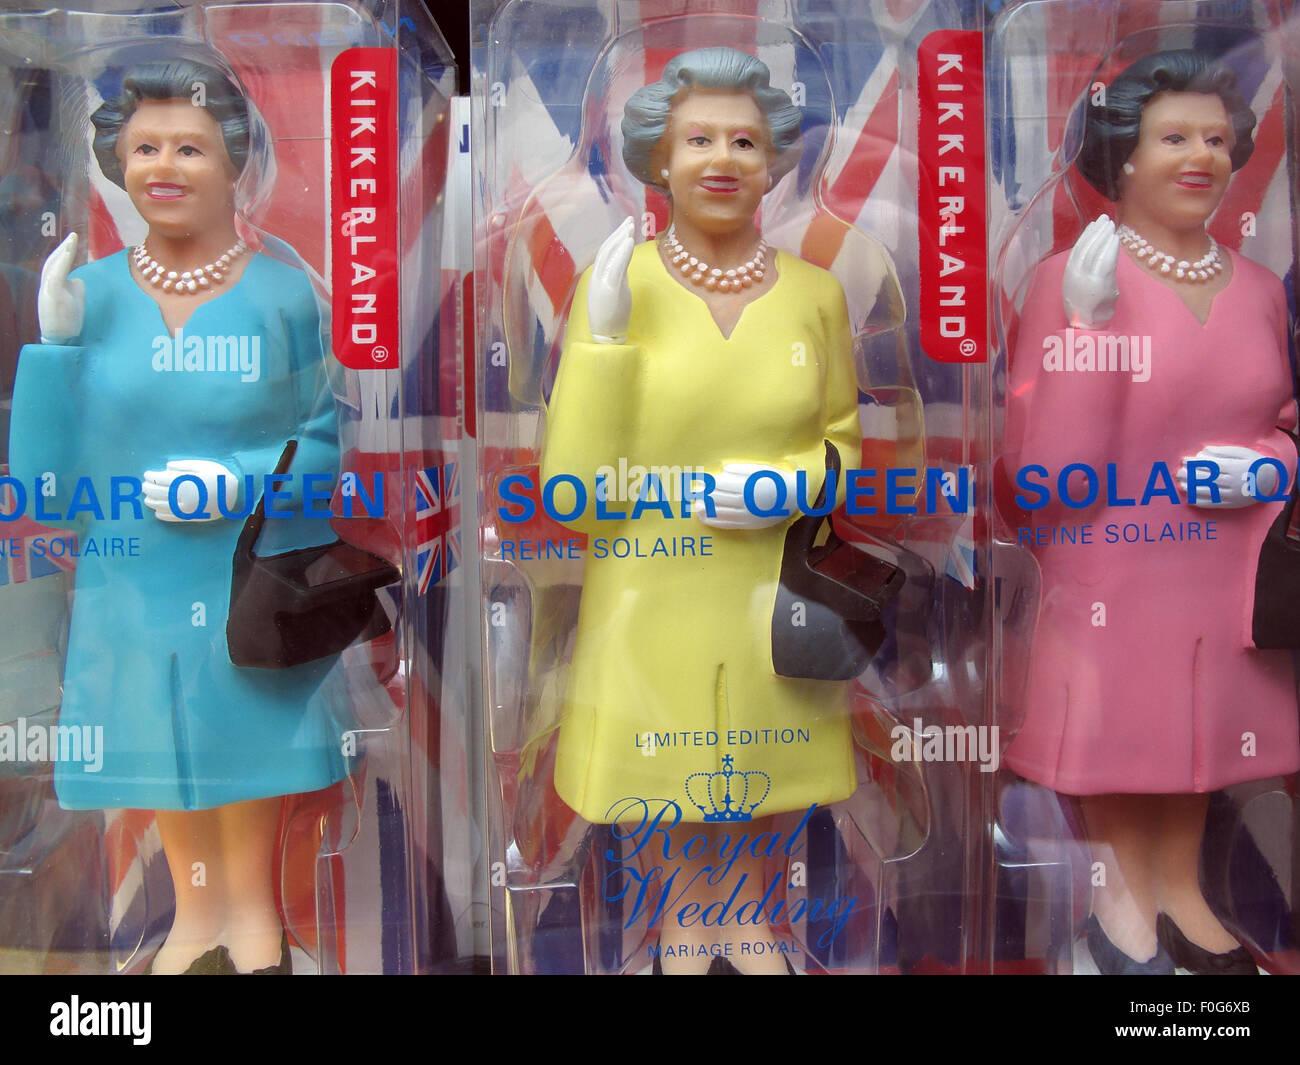 Laden Sie dieses Alamy Stockfoto Viele Königin Elizabeth von England solarbetriebene Spielzeug, Mitte, Deutschland, Europa - F0G6XB